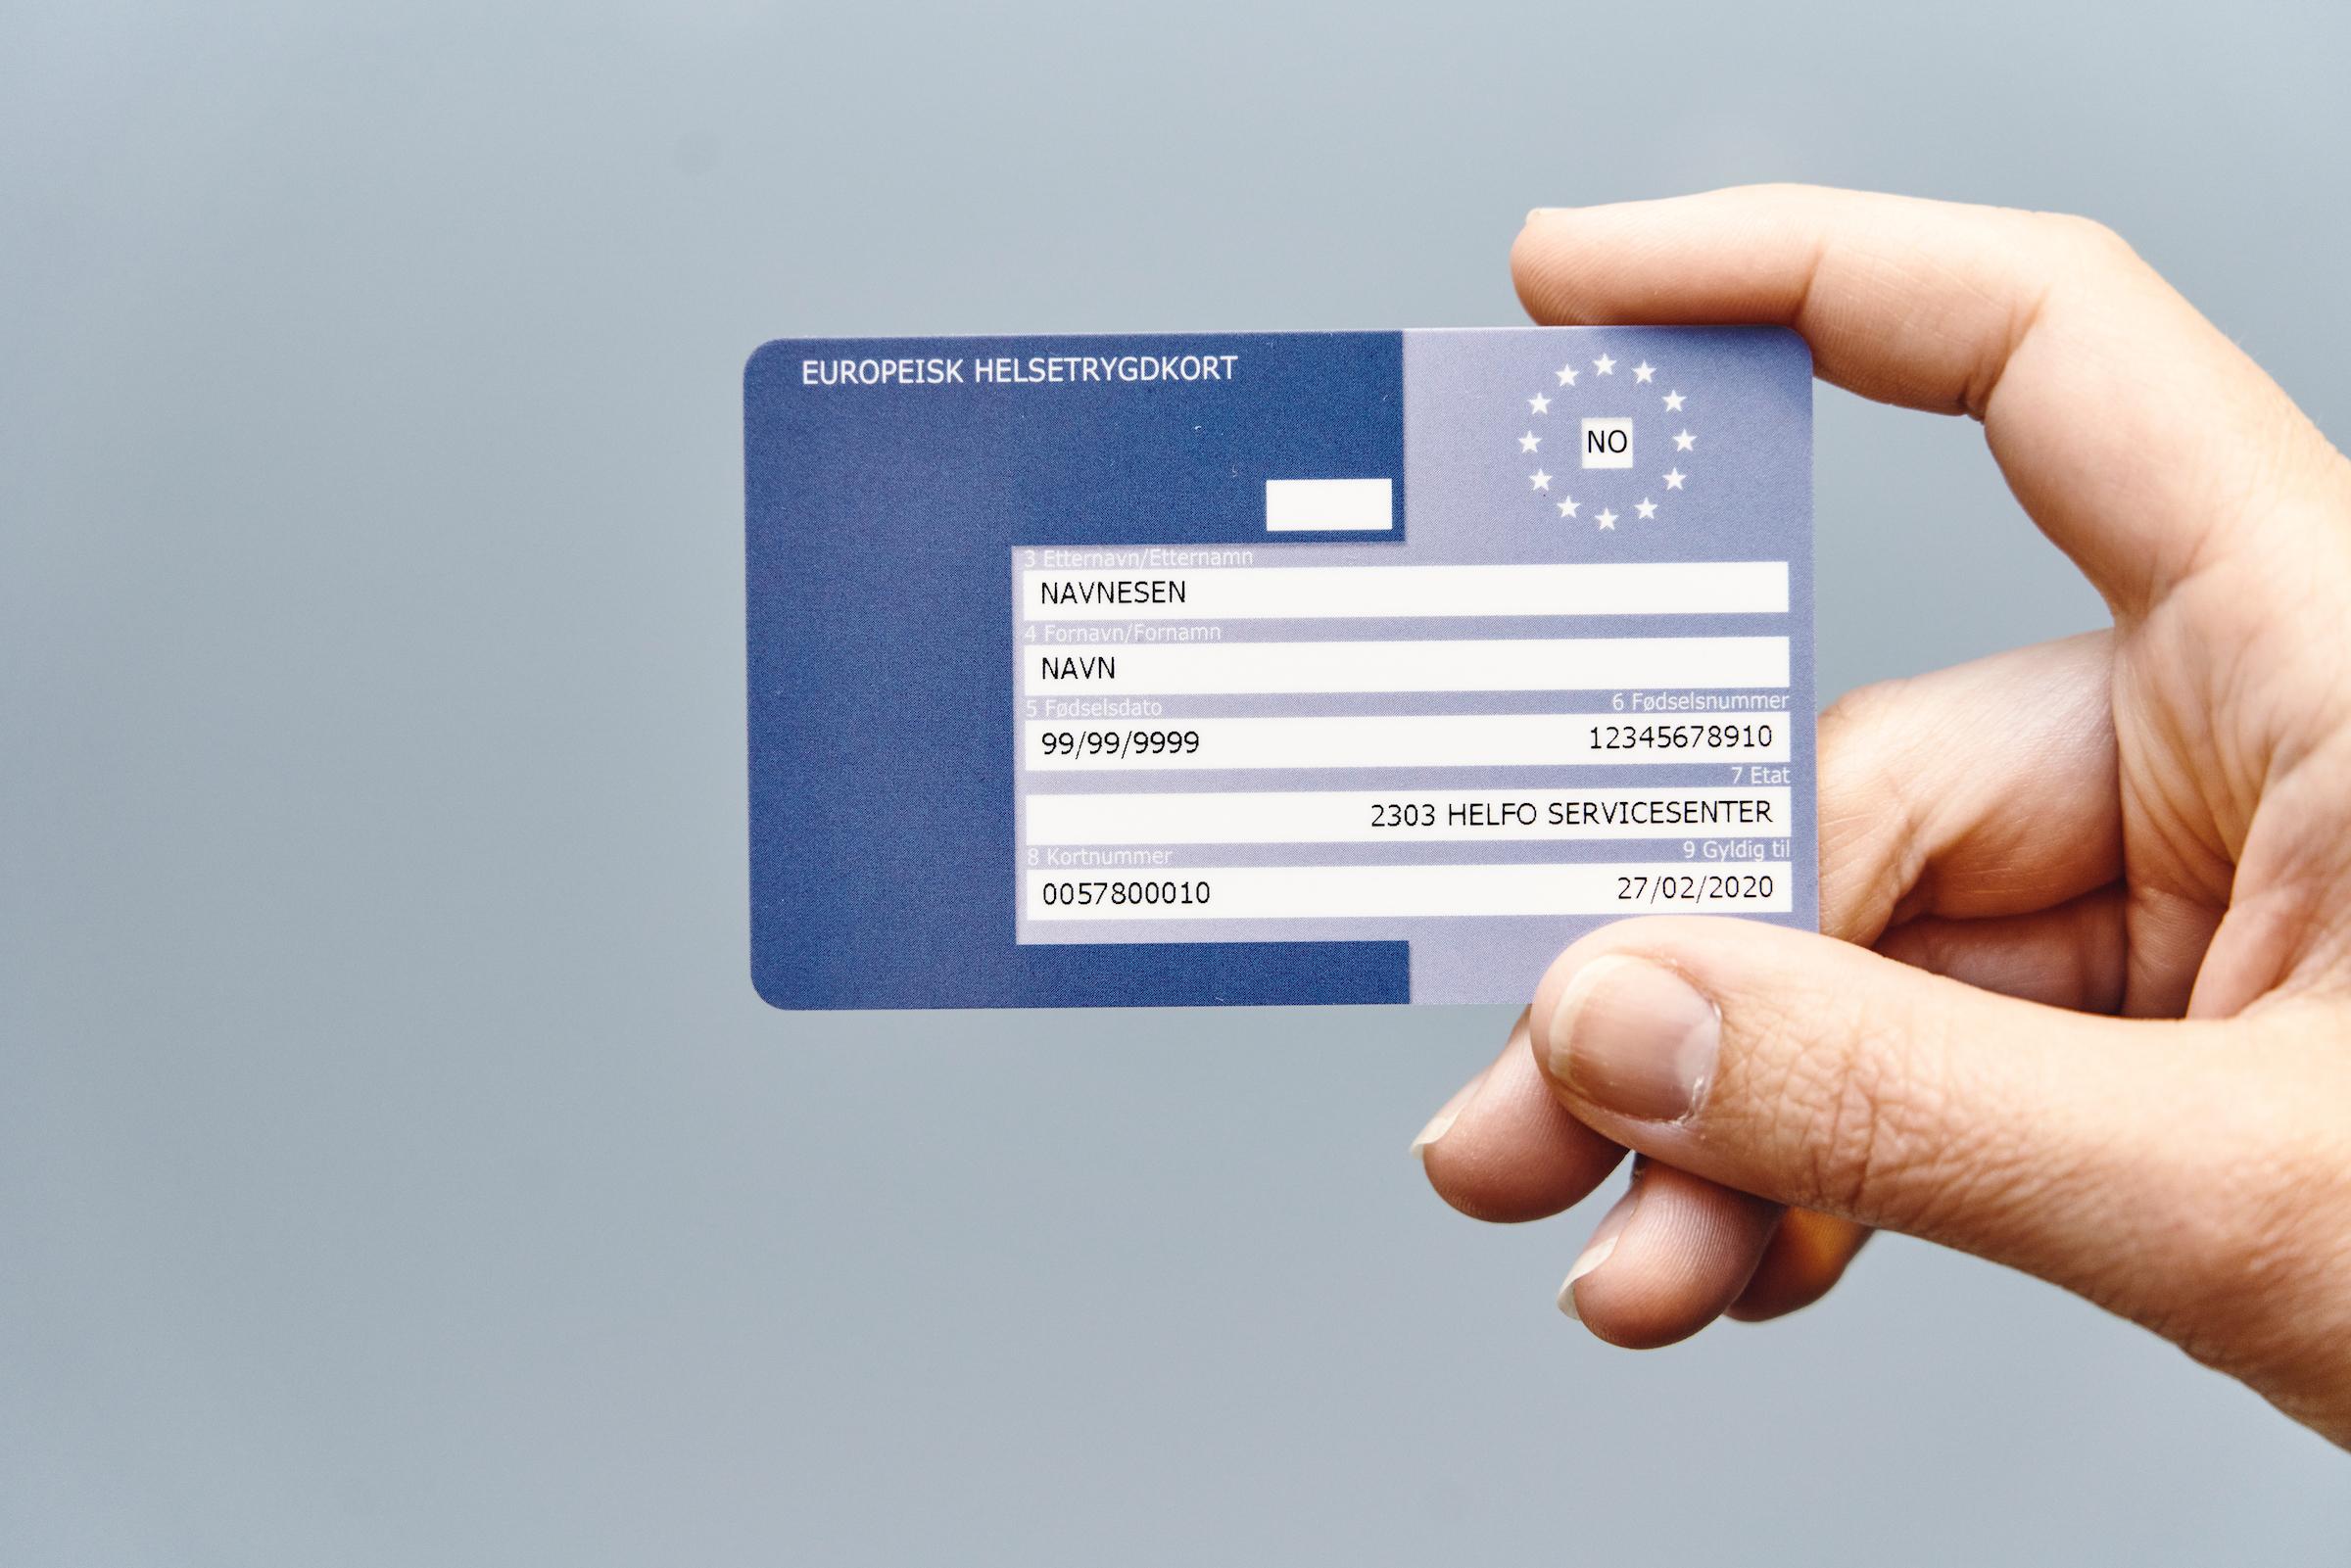 Bilde av et Europeisk helsetrygdkort